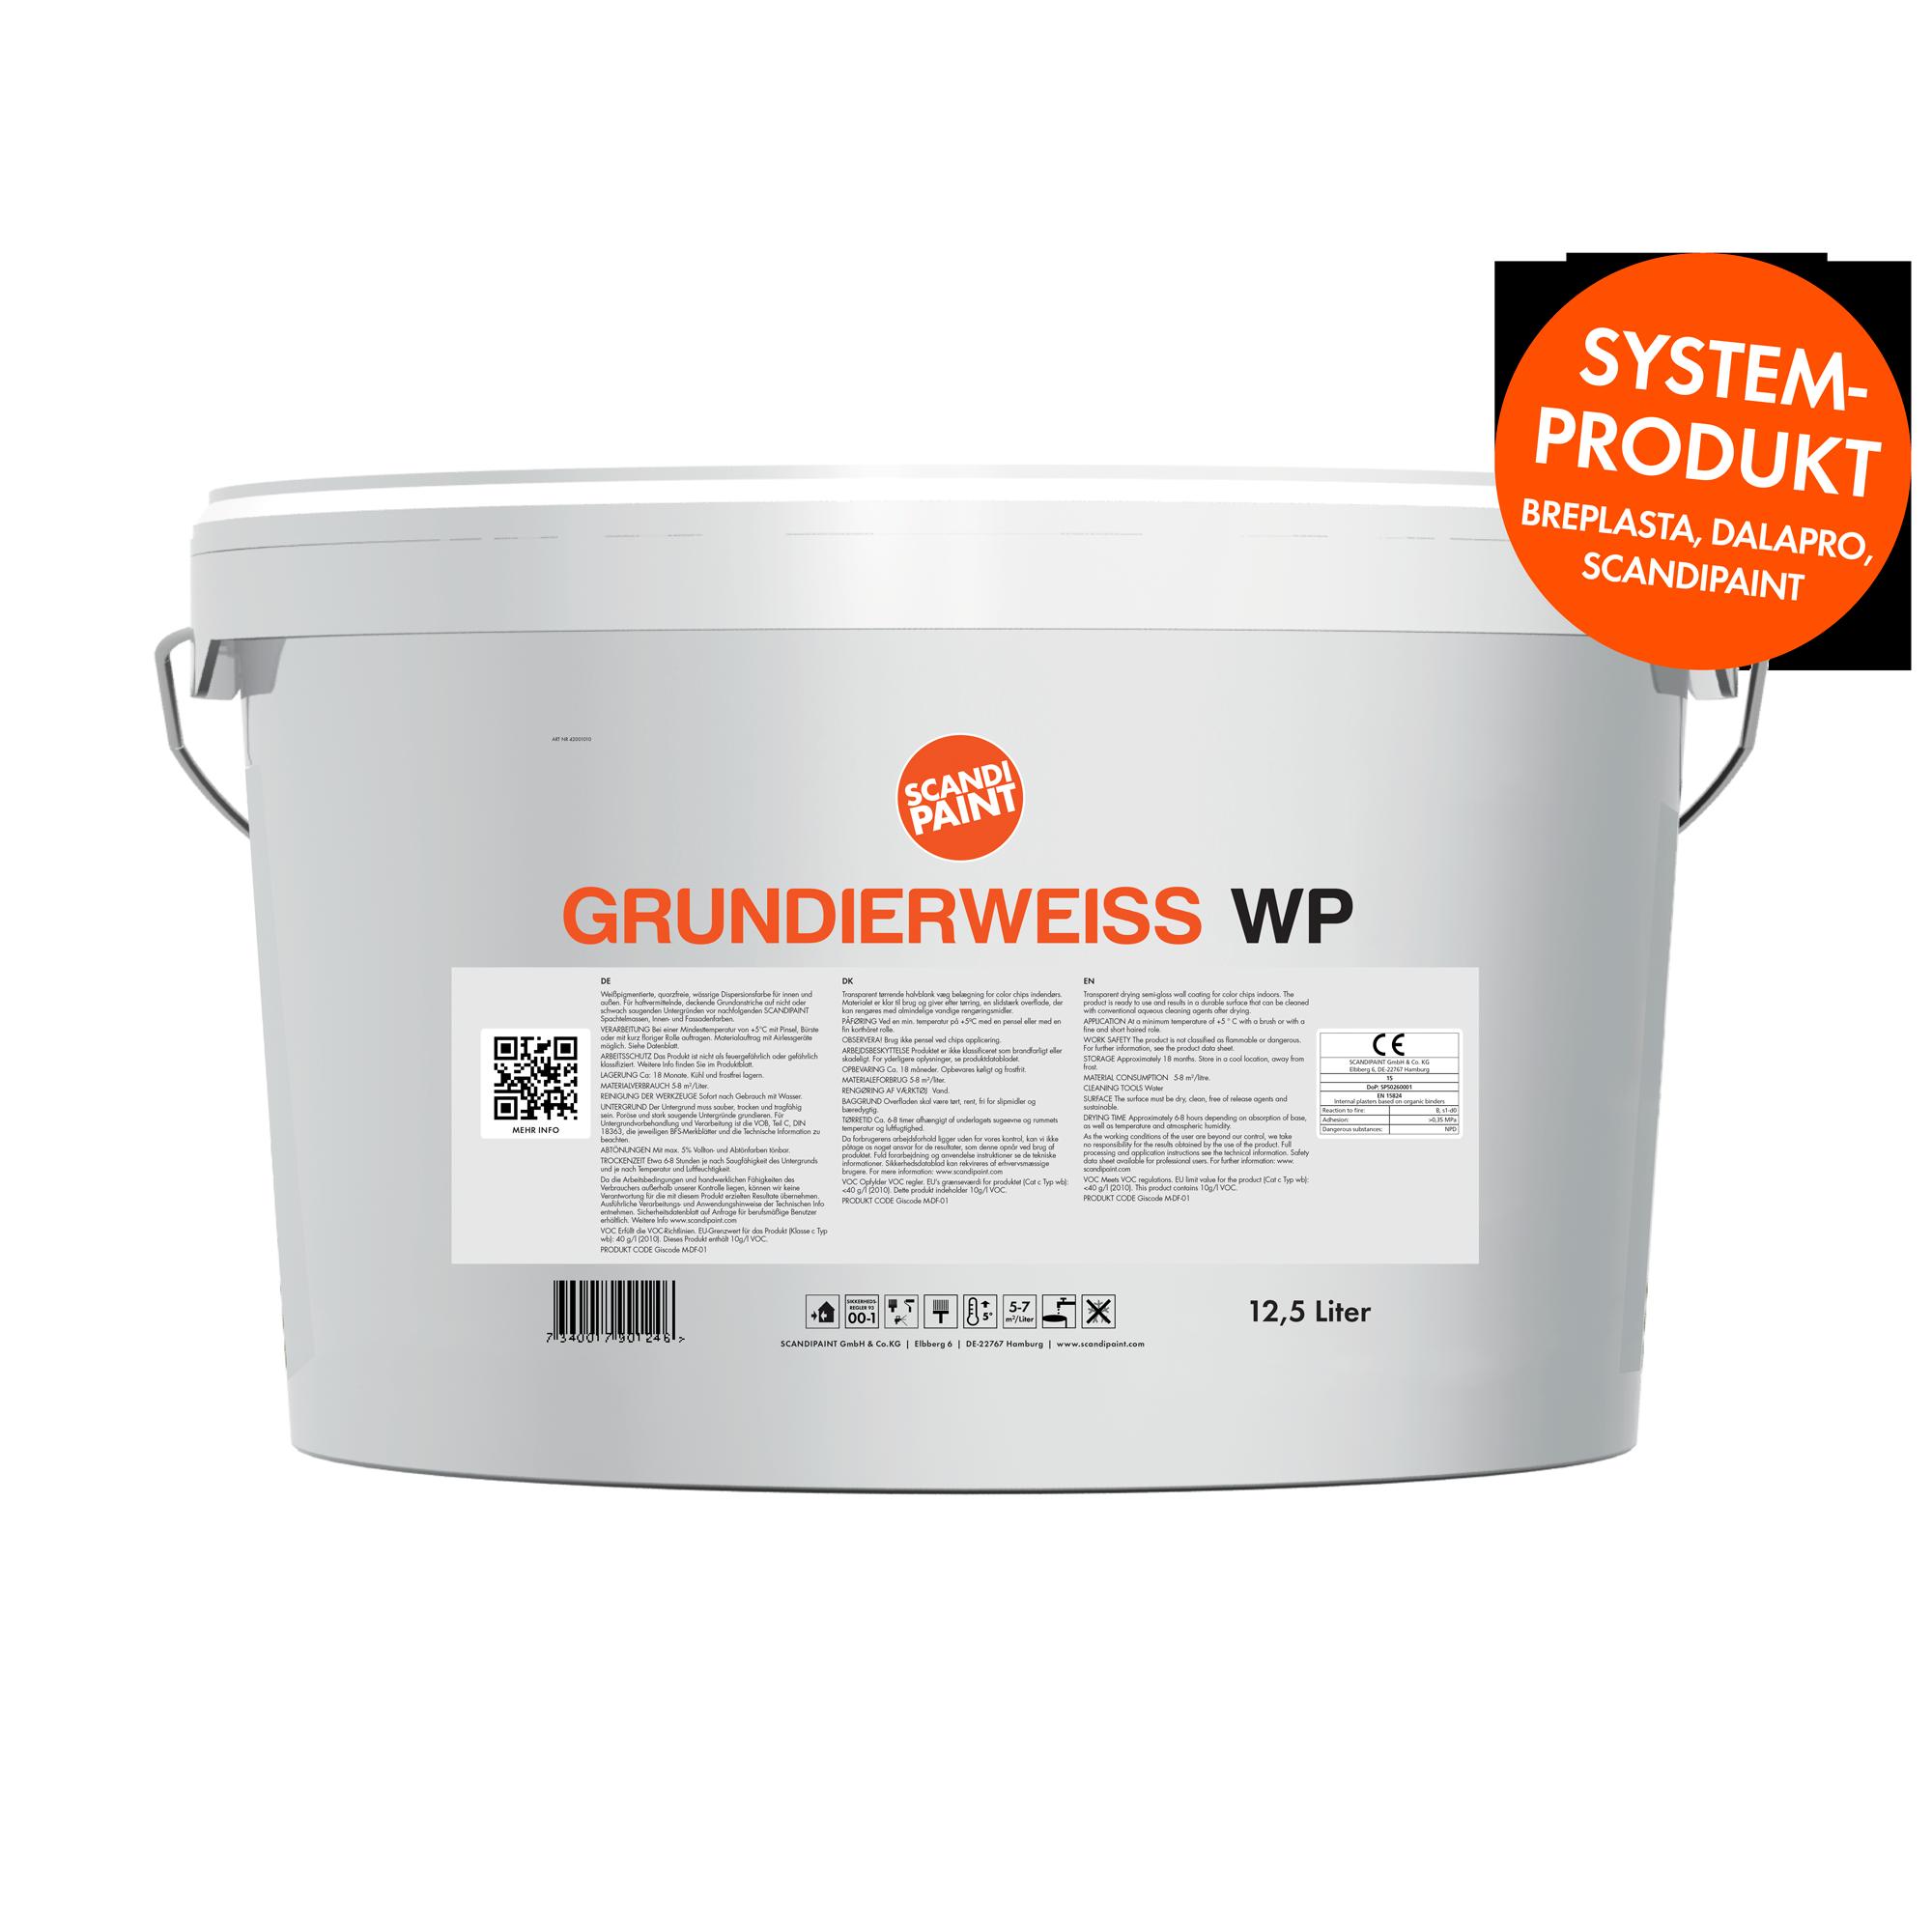 GrundierweissWP.png